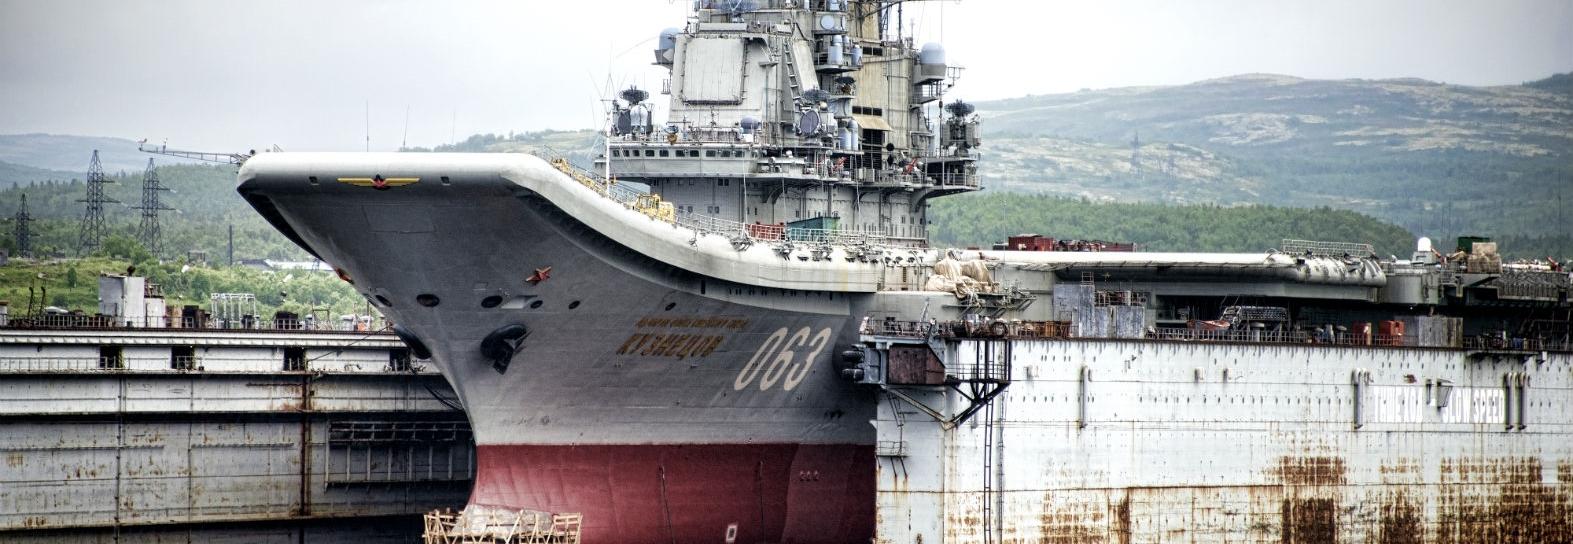 Російський флот найбільше загрожує сам собі